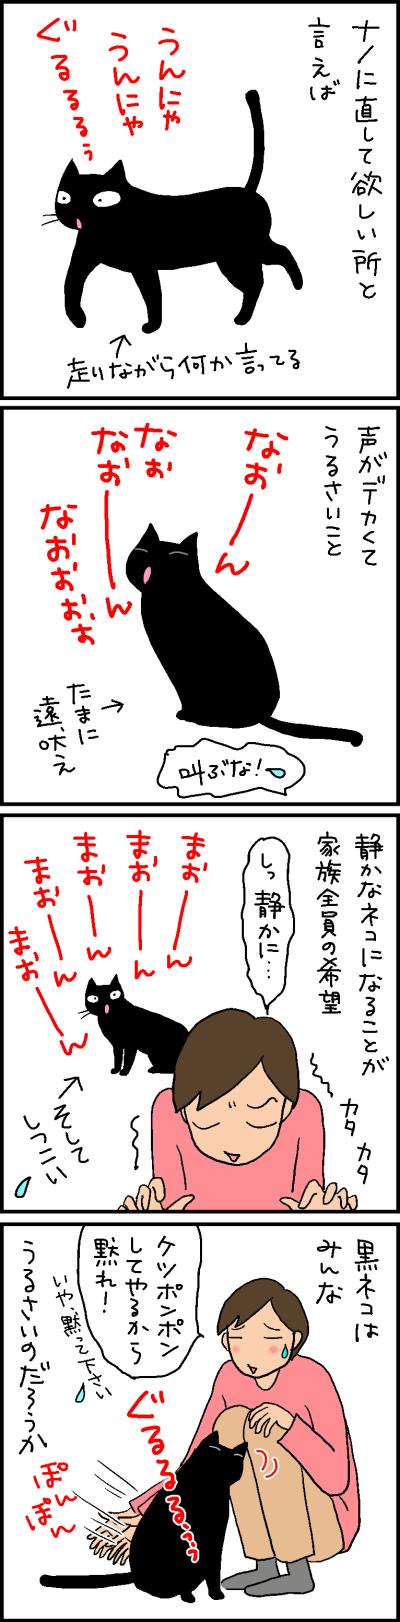 黒猫はうるさいのだろうかの4コマ猫漫画